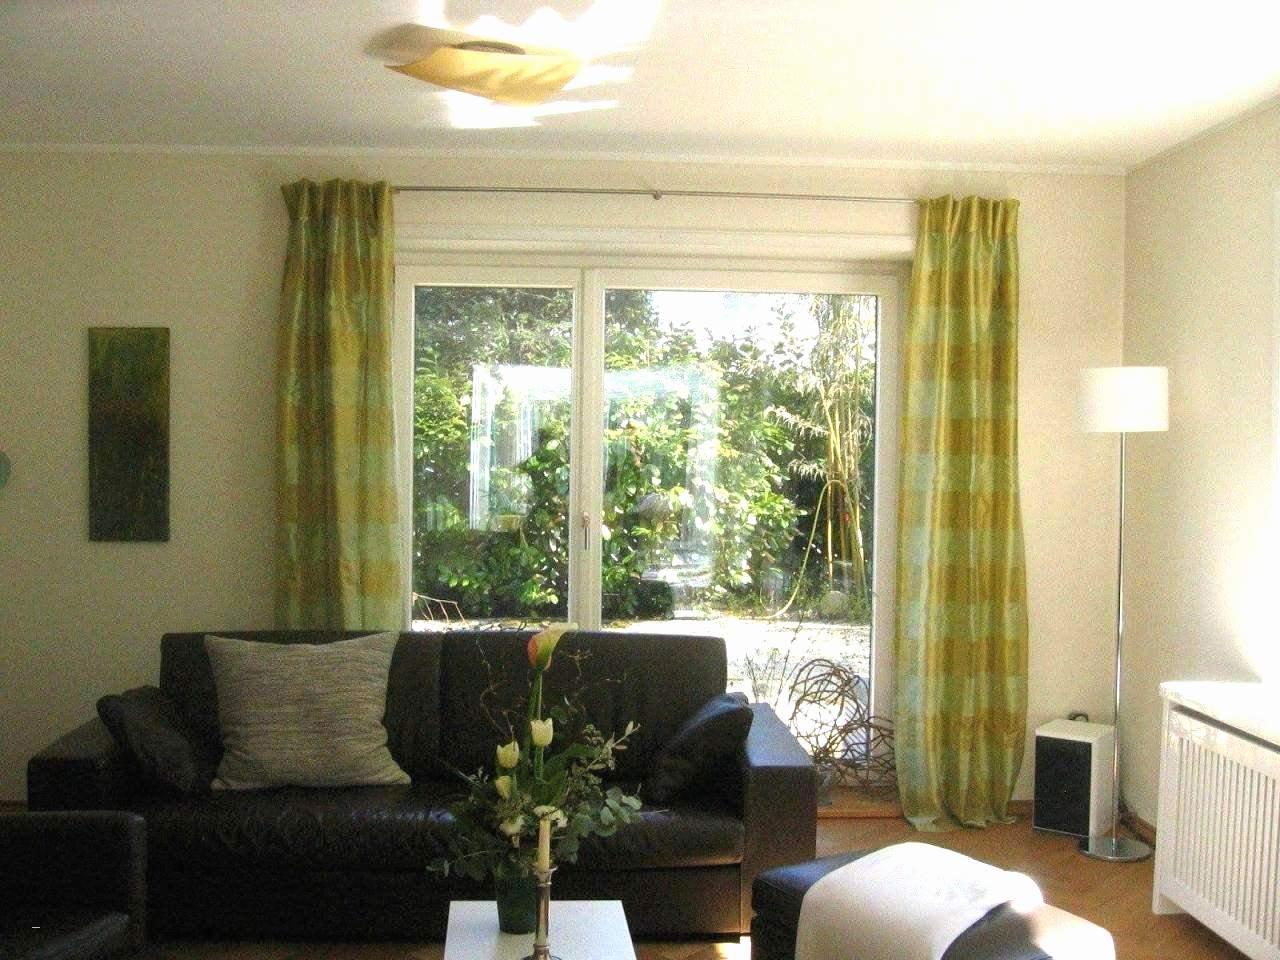 Full Size of Vorhangvarianten Wohnzimmer Vorhang Wohnzimmer Creme Vorhänge Wohnzimmer Kräuselband Vorhänge Wohnzimmer Kurz Wohnzimmer Vorhang Wohnzimmer